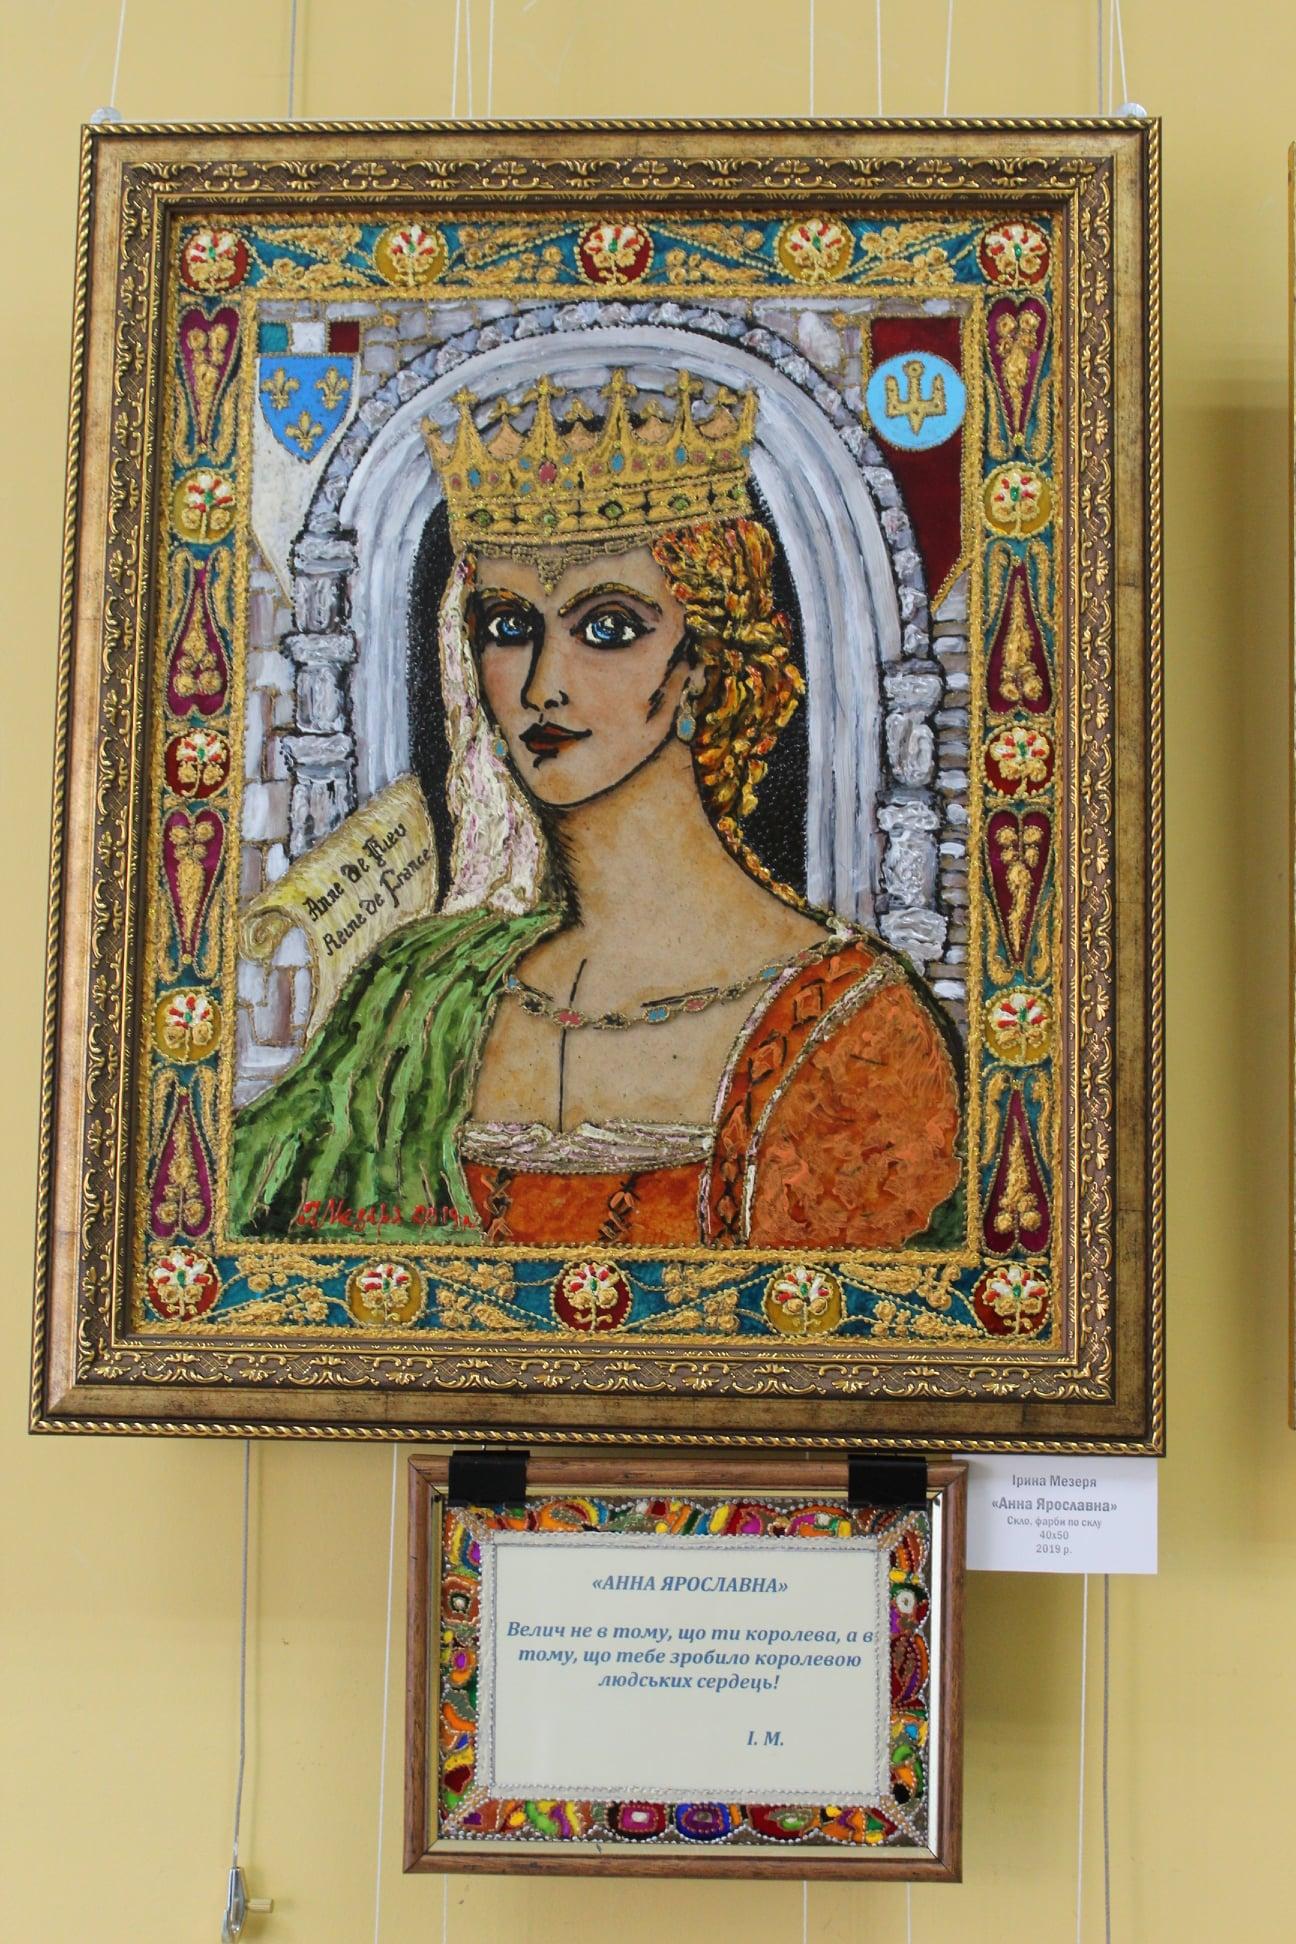 Карантинний живопис Ірини Мезері в Ірпені - Приірпіння, музей, Мистецтво, київщина, виставка - Mezerya 3